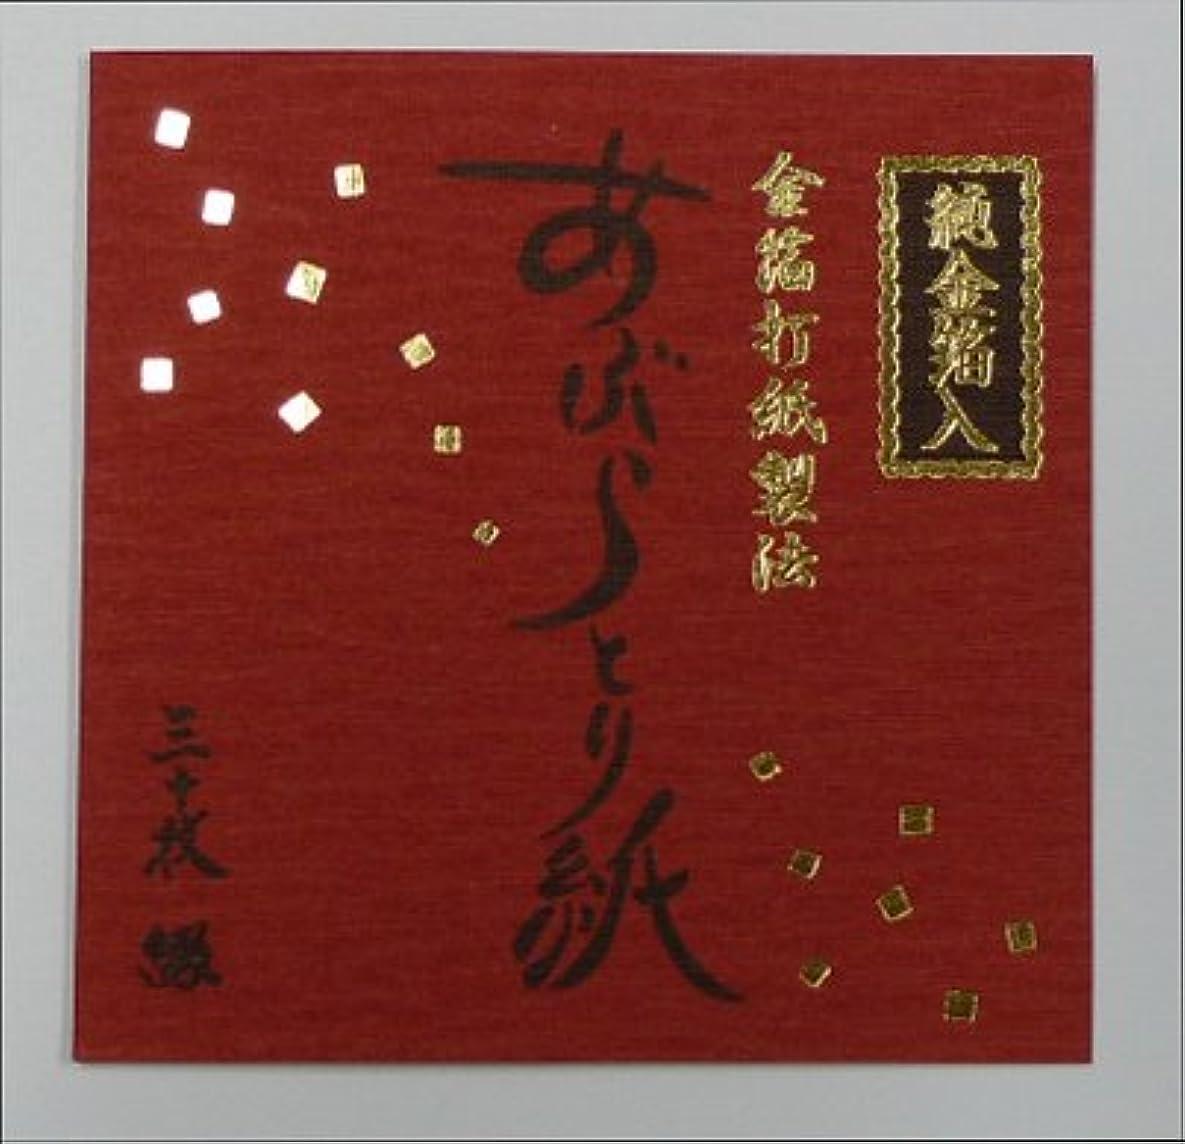 チーム悪意規範金沢の金箔やさんがつくった金箔打紙製法『あぶらとり紙』30枚綴り【純金箔入】